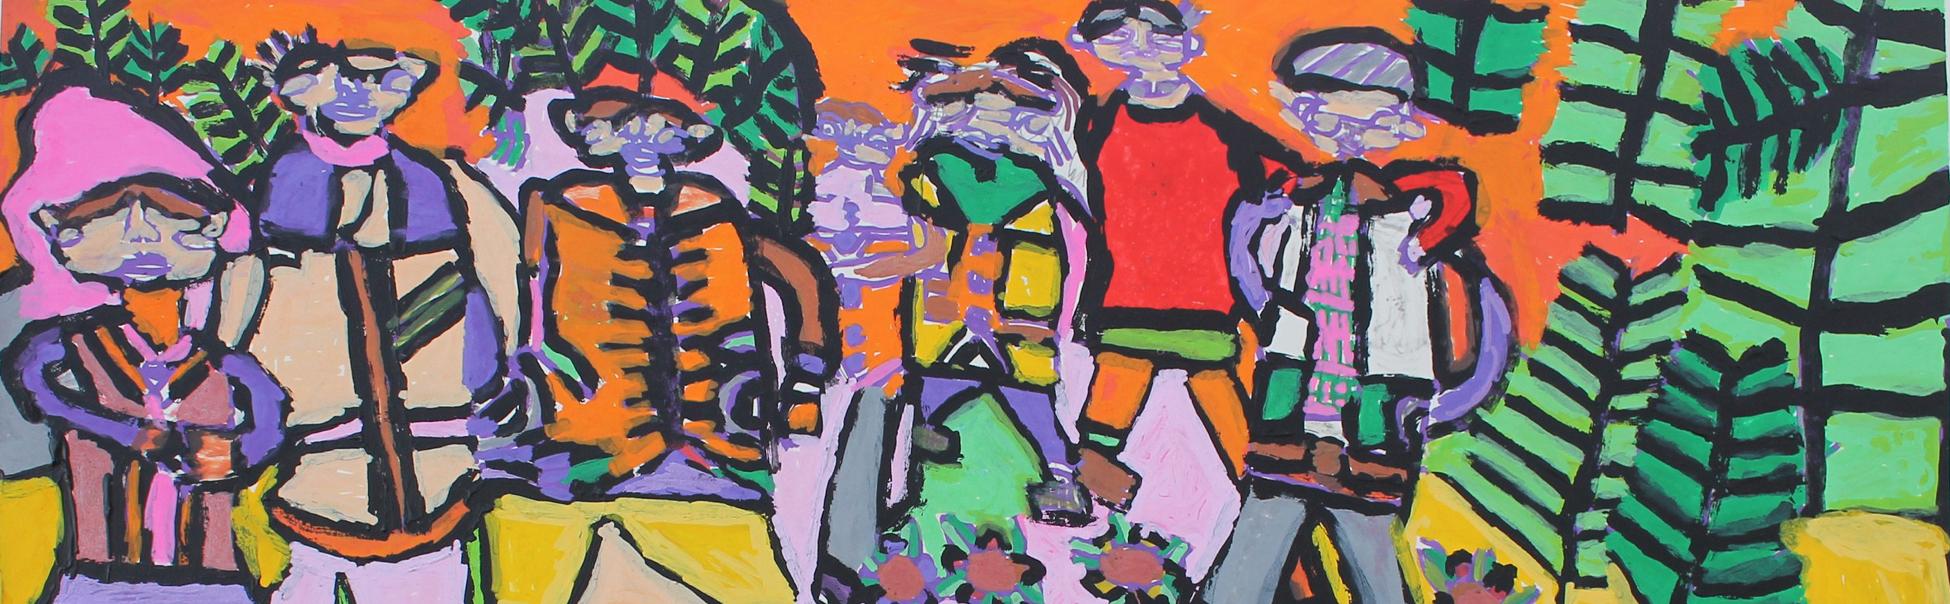 Acrylic painting by KCAT artist Sinéad Fahey